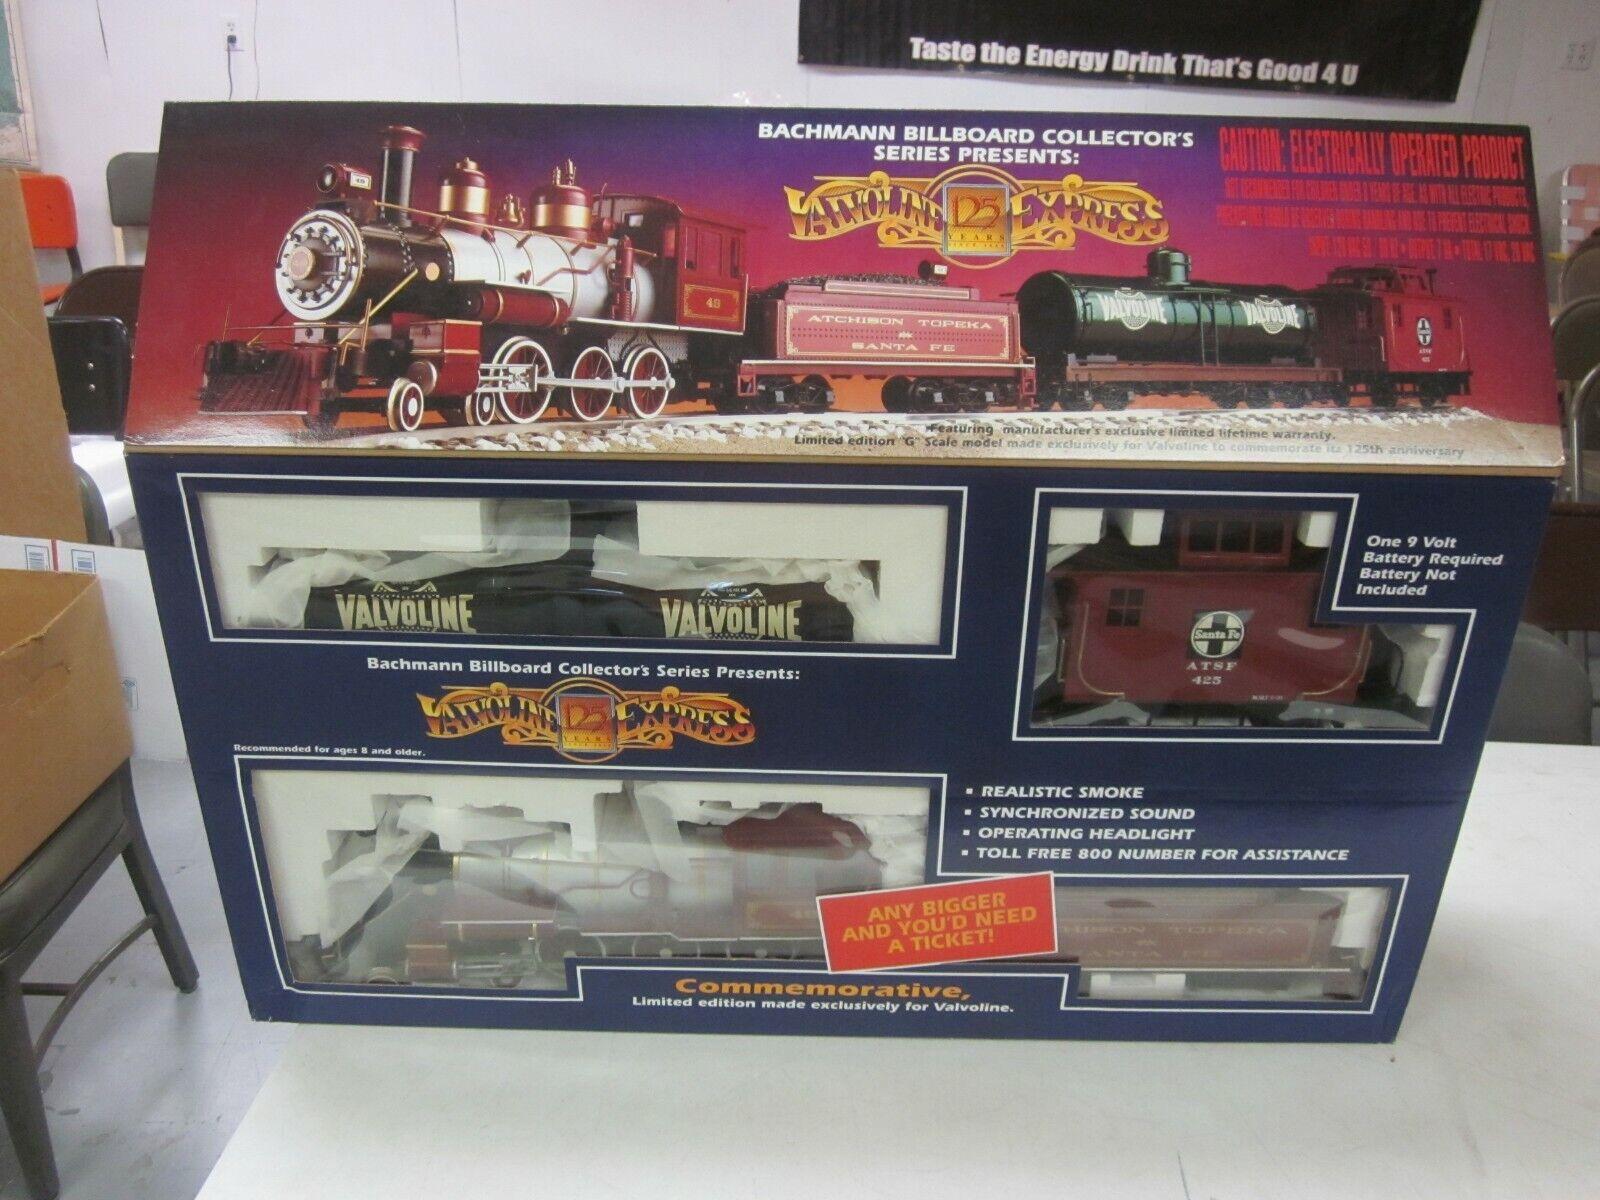 Valvoline Express, Collector's Series Train Set, Edición Limitada Nuevo En Caja